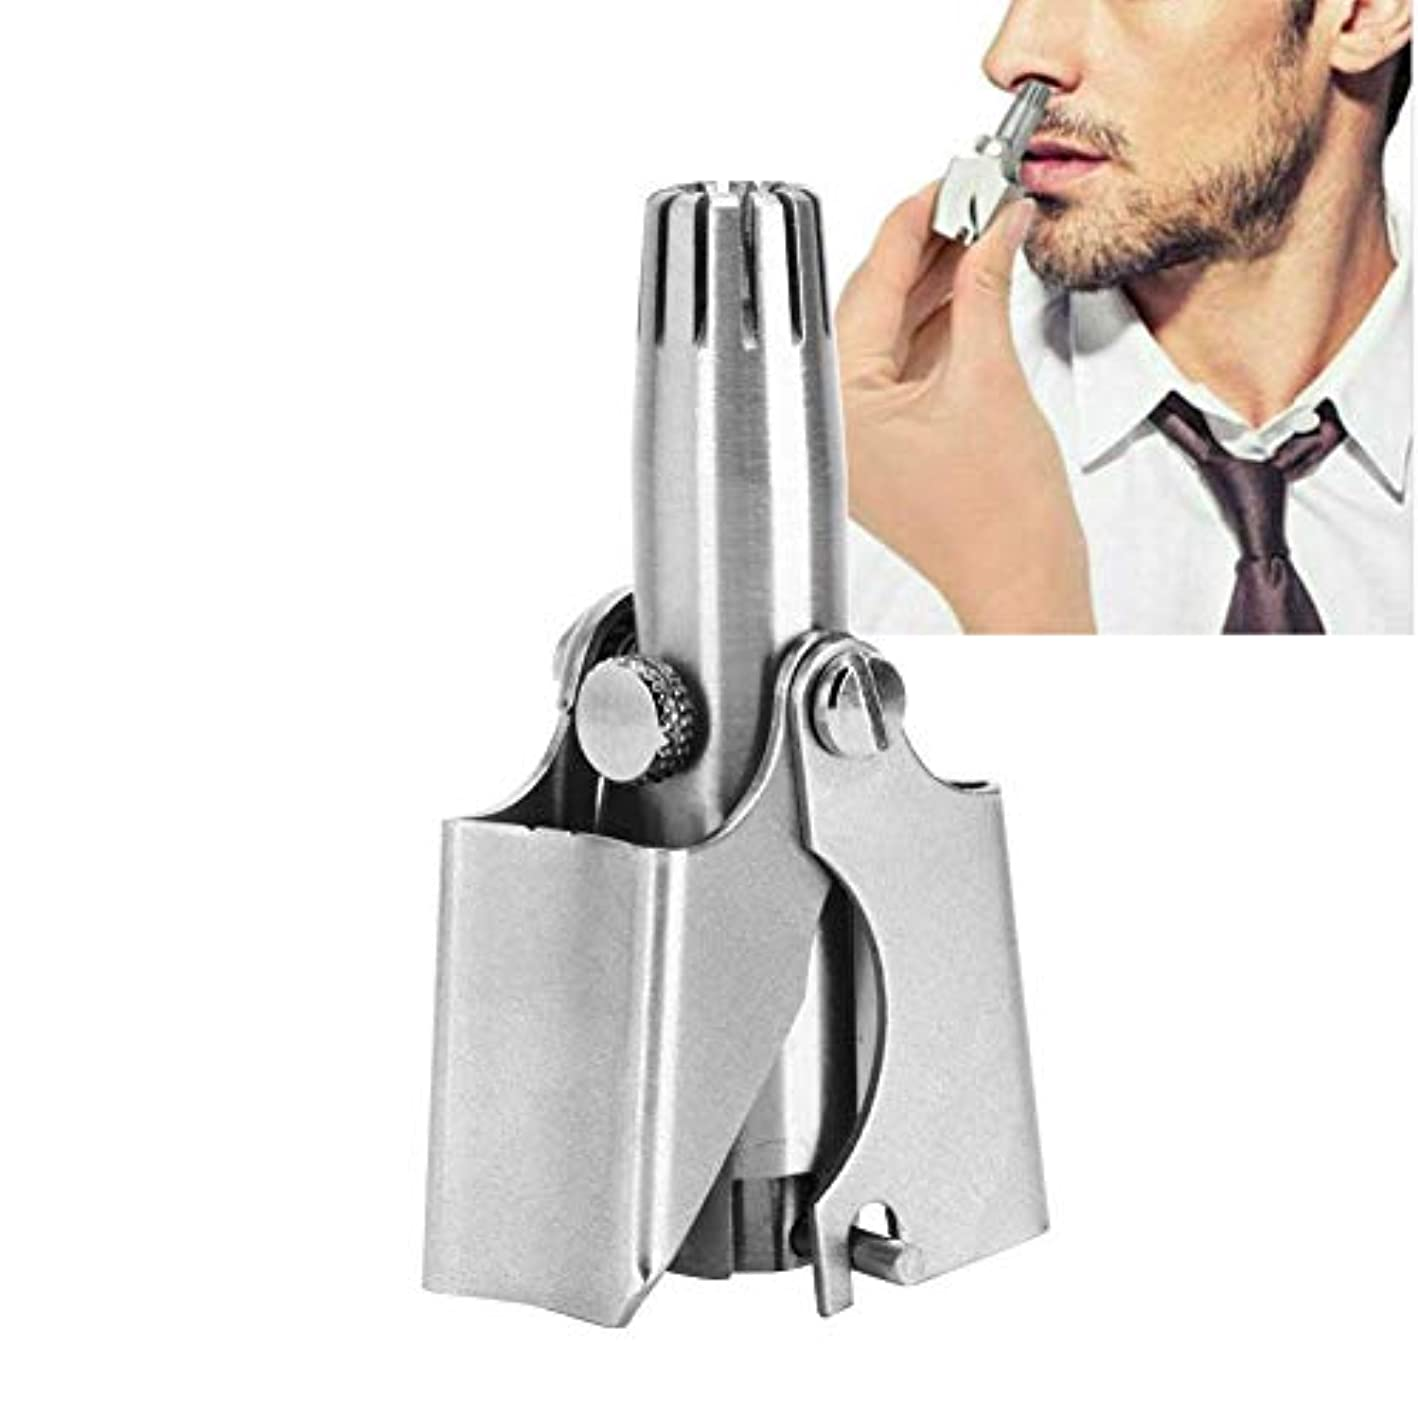 携帯用ステンレス鋼の耳の鼻の毛のトリマー(つや消しシルバー)